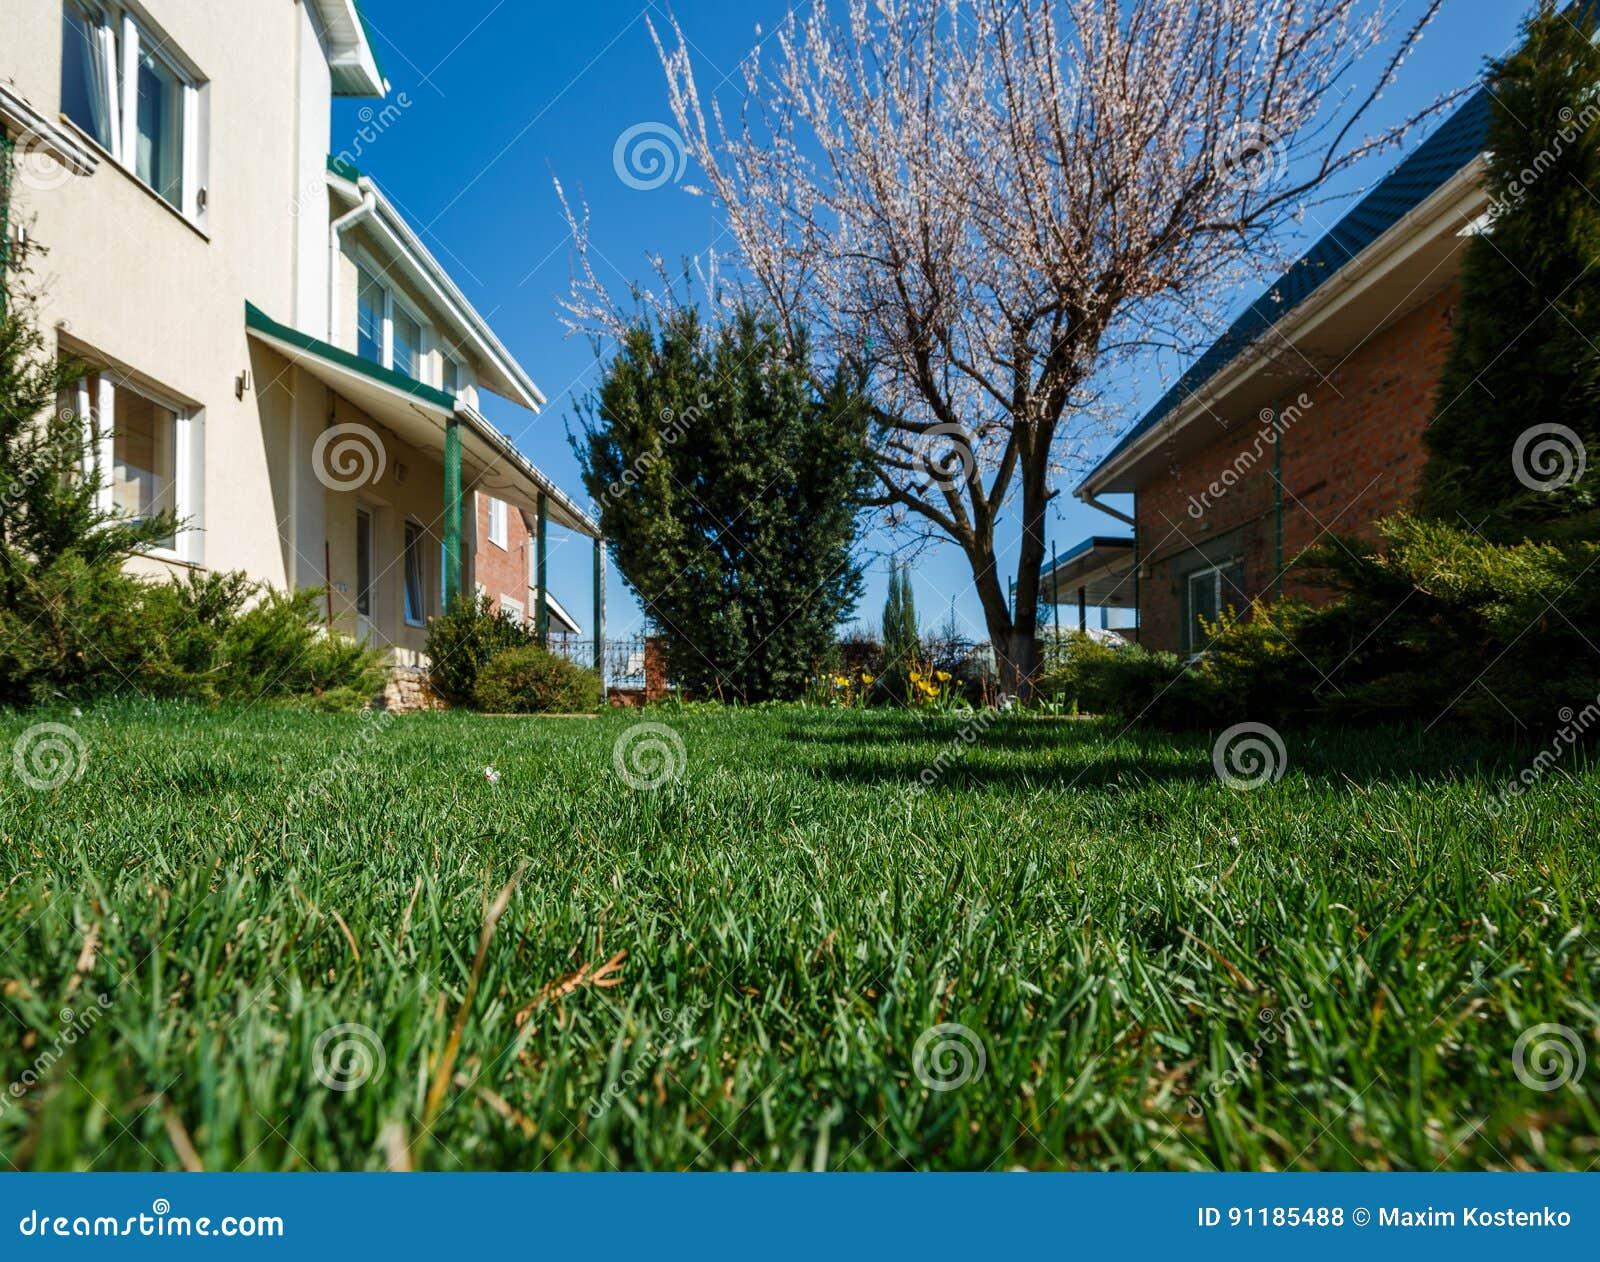 Hinterhofgarten Mit Grunflachen Anlagen Blumen Und Baumen